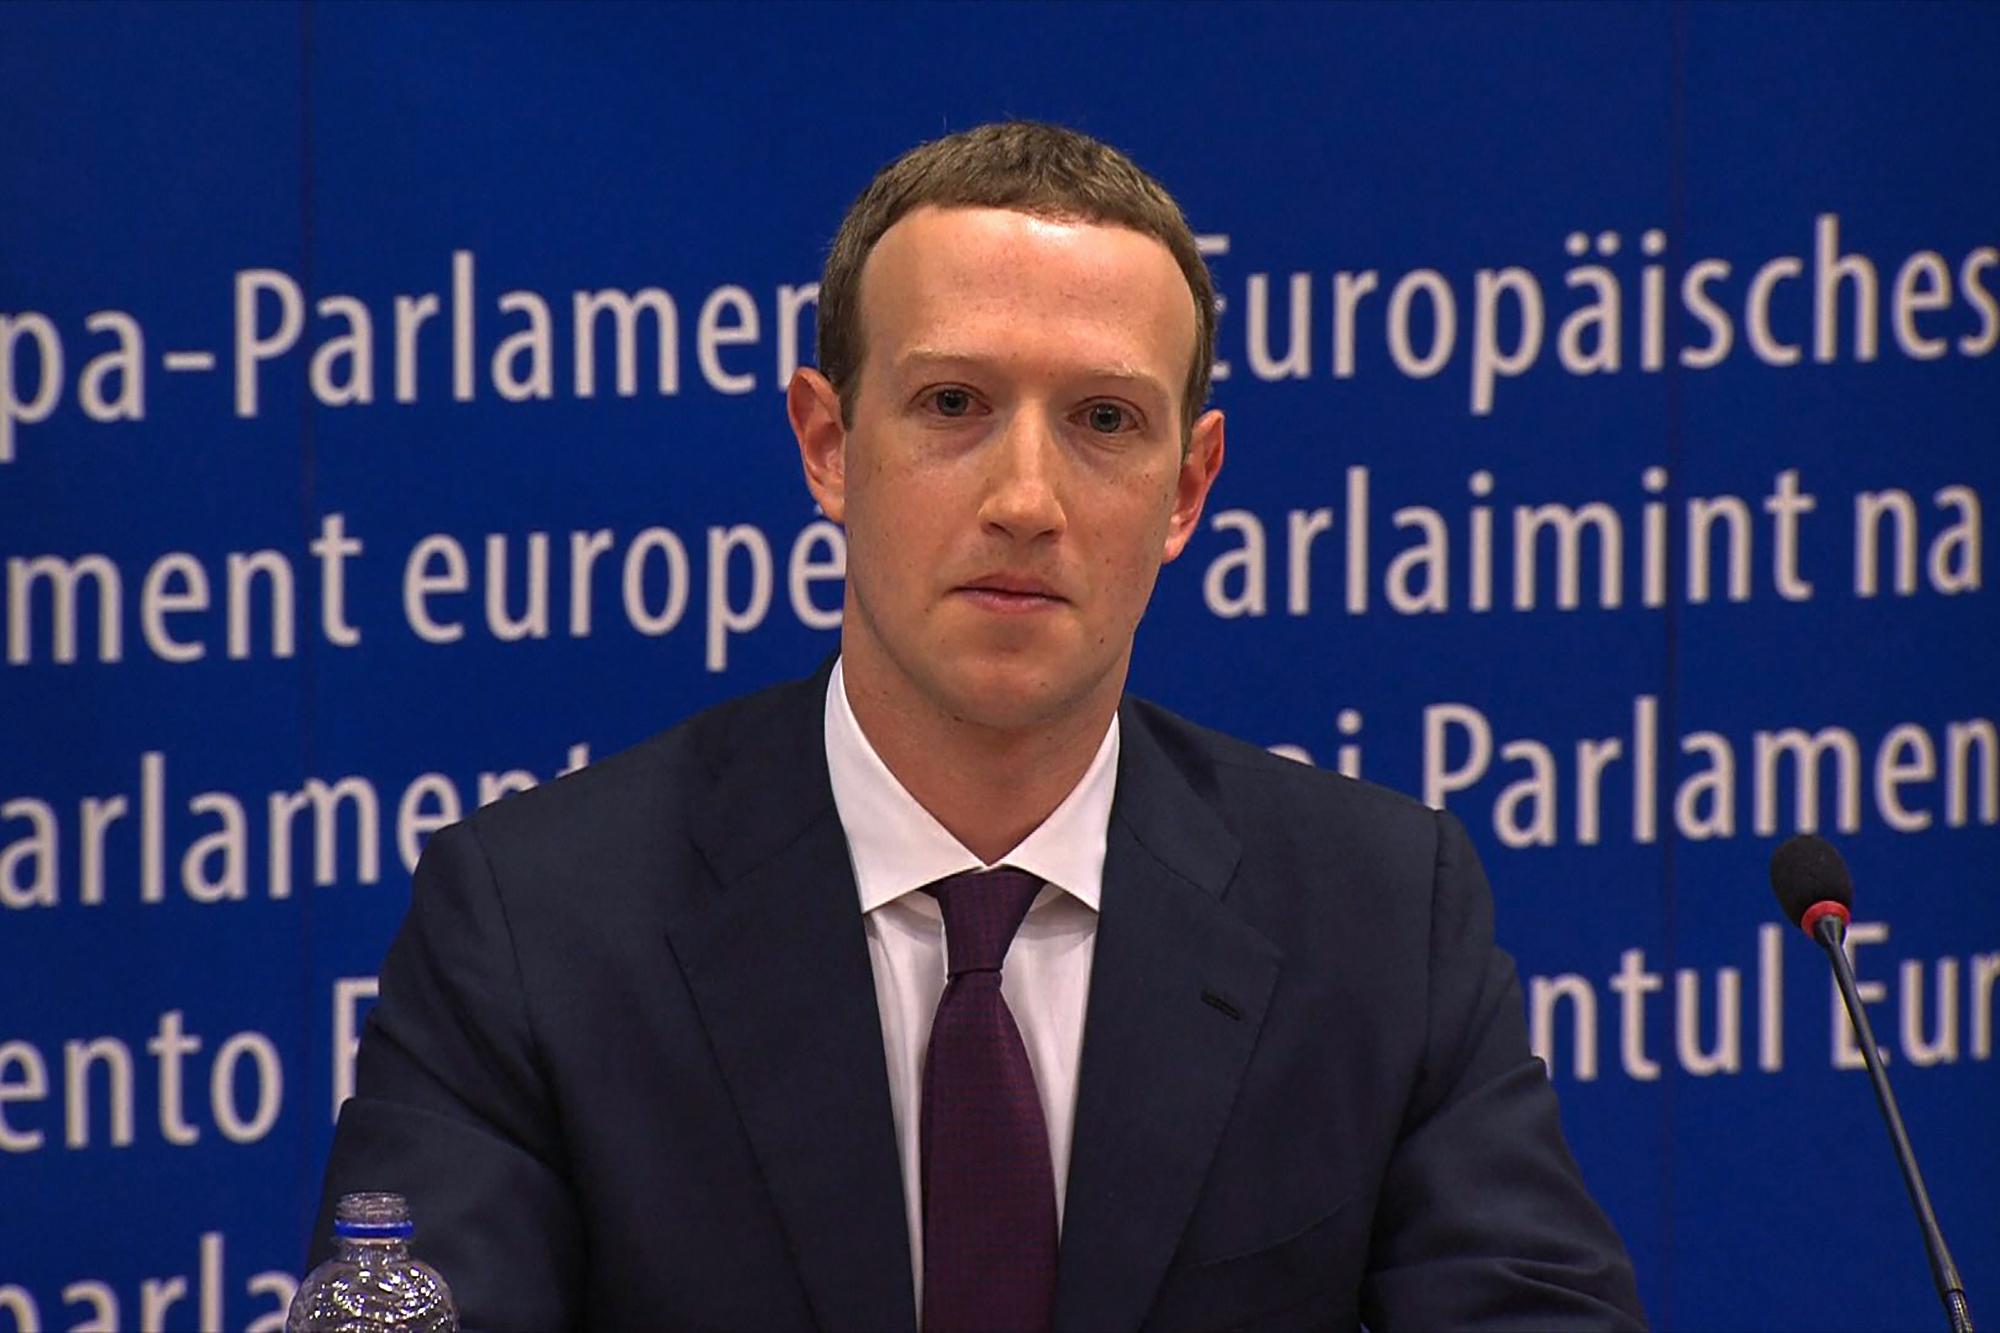 Nincs itt semmi látnivaló, csak a Facebook még a privát üzeneteid is eladta